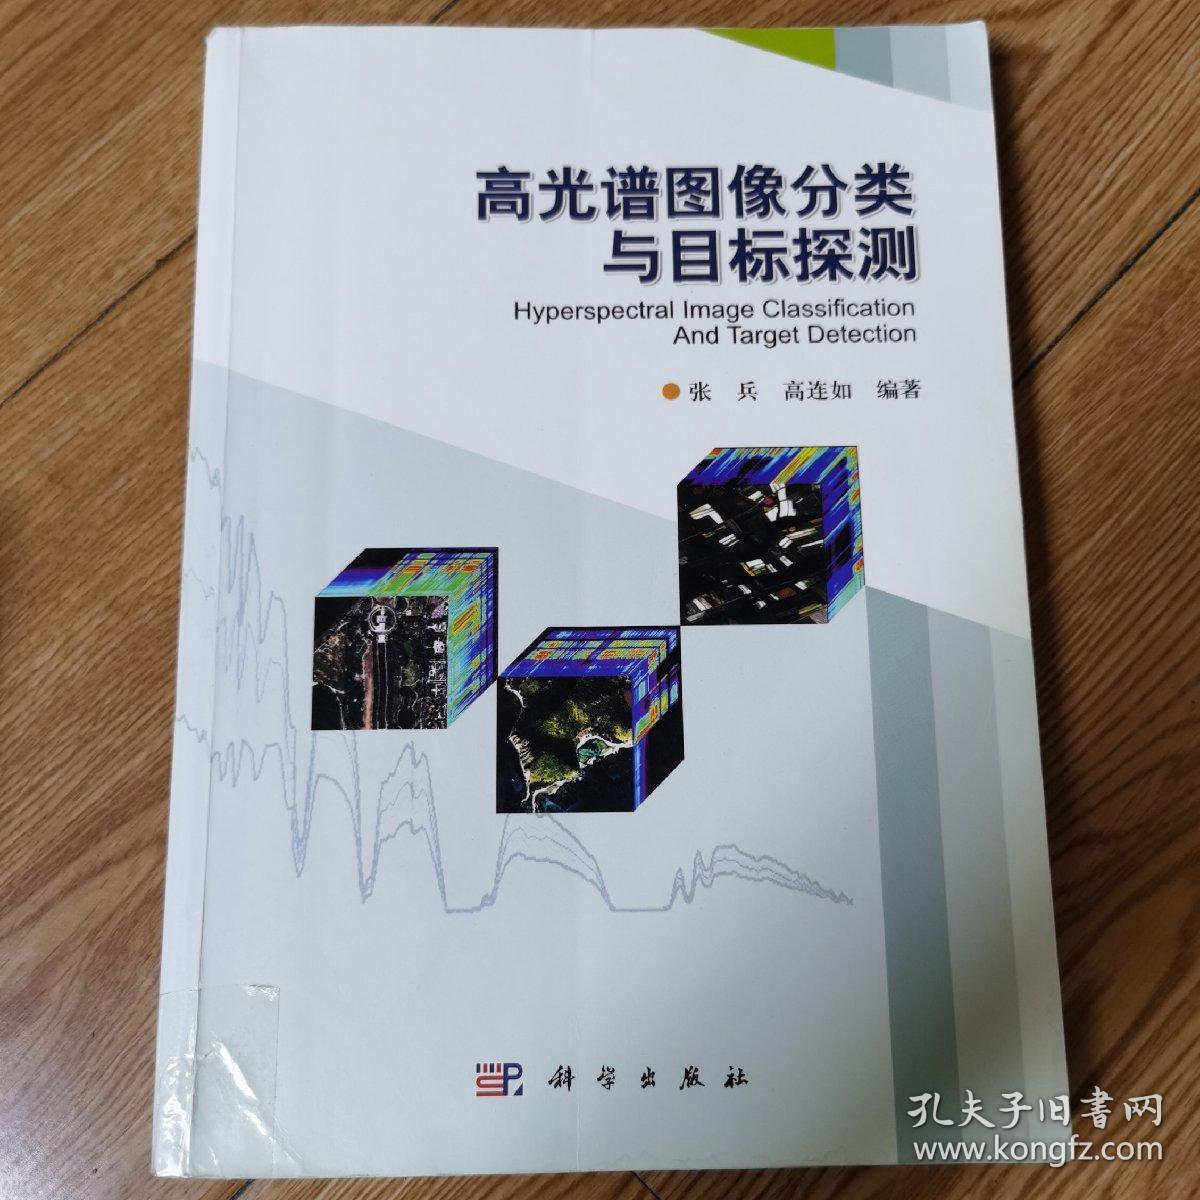 高光谱图像分类与目标探测